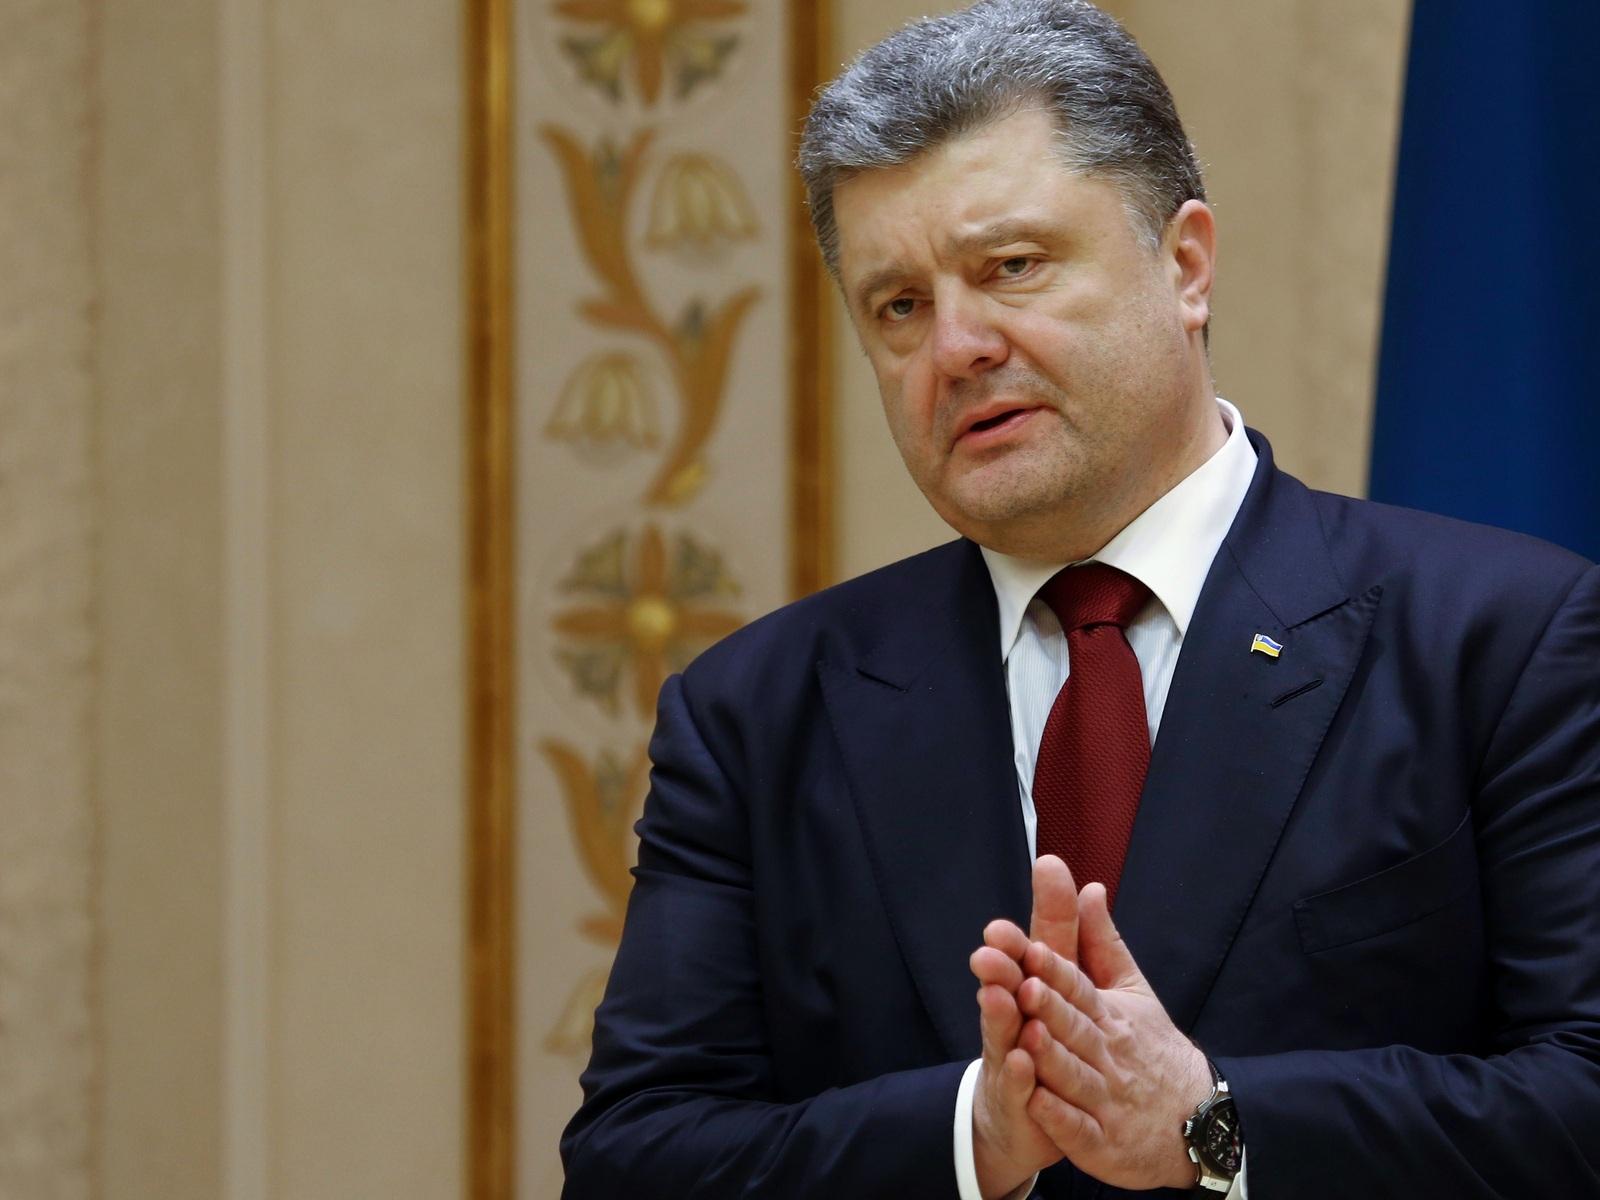 Вокруг враги: Генпрокуратура Украины возбудило дело о госизмене Порошенко и Медведчука за помощь России